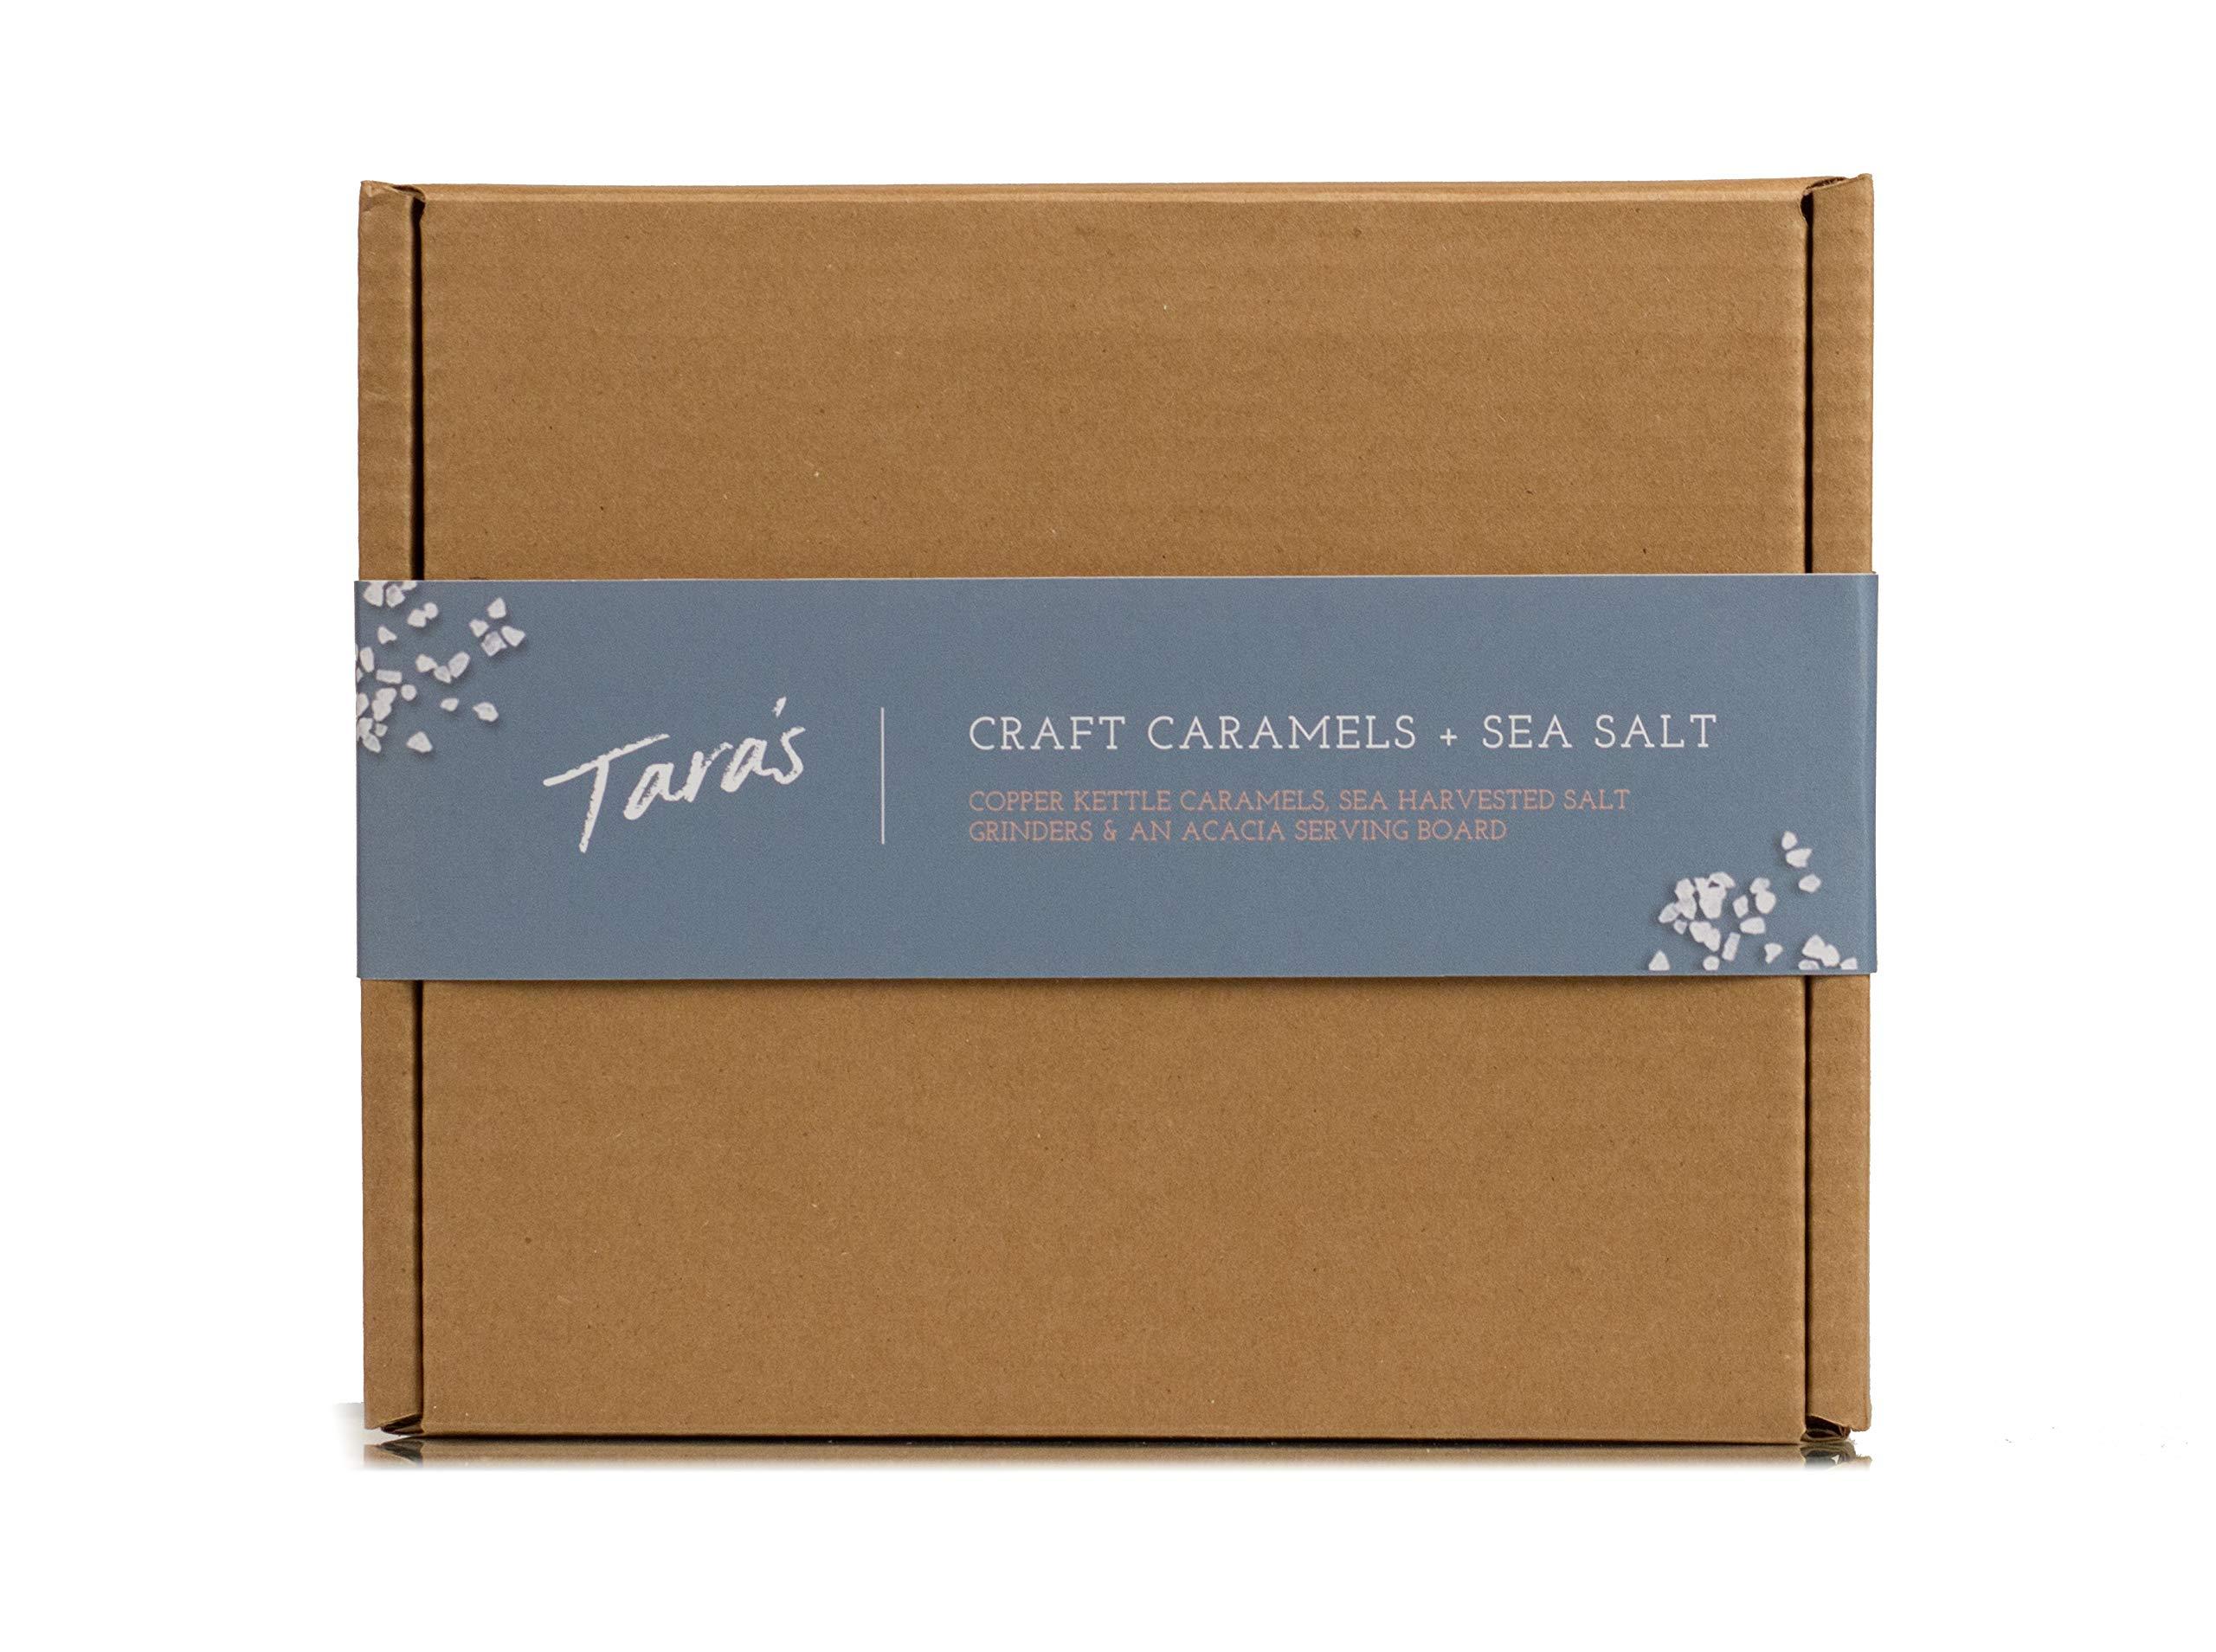 Tara's All Natural Handcrafted Gourmet Craft Caramel Collection + Sea Salt Grinders Gift Box: Original Vanilla, Sea Salt, and Pecan